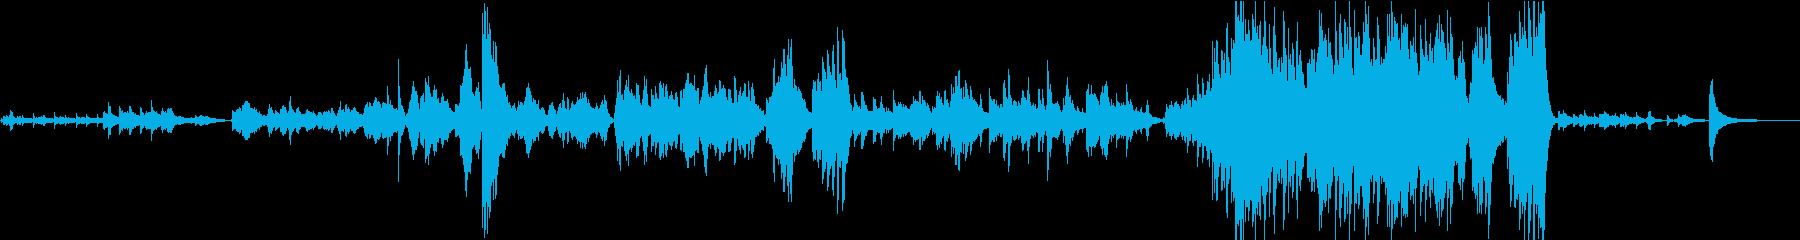 和風で怪しい生演奏チェロ、ピアノ、ハープの再生済みの波形